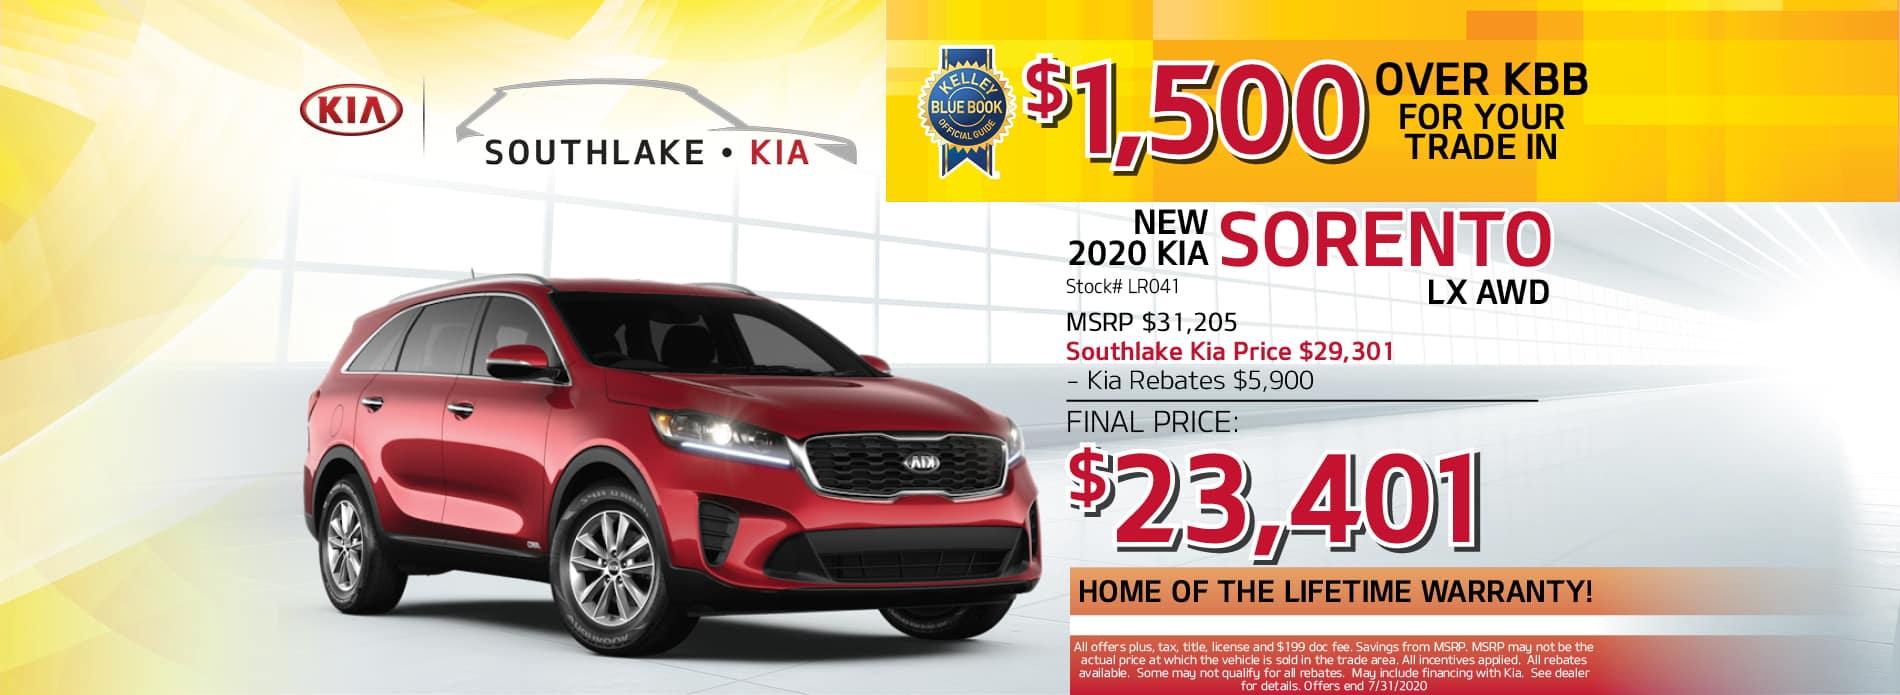 2020 Kia Sorento LX Lease Offer | Southlake Kia